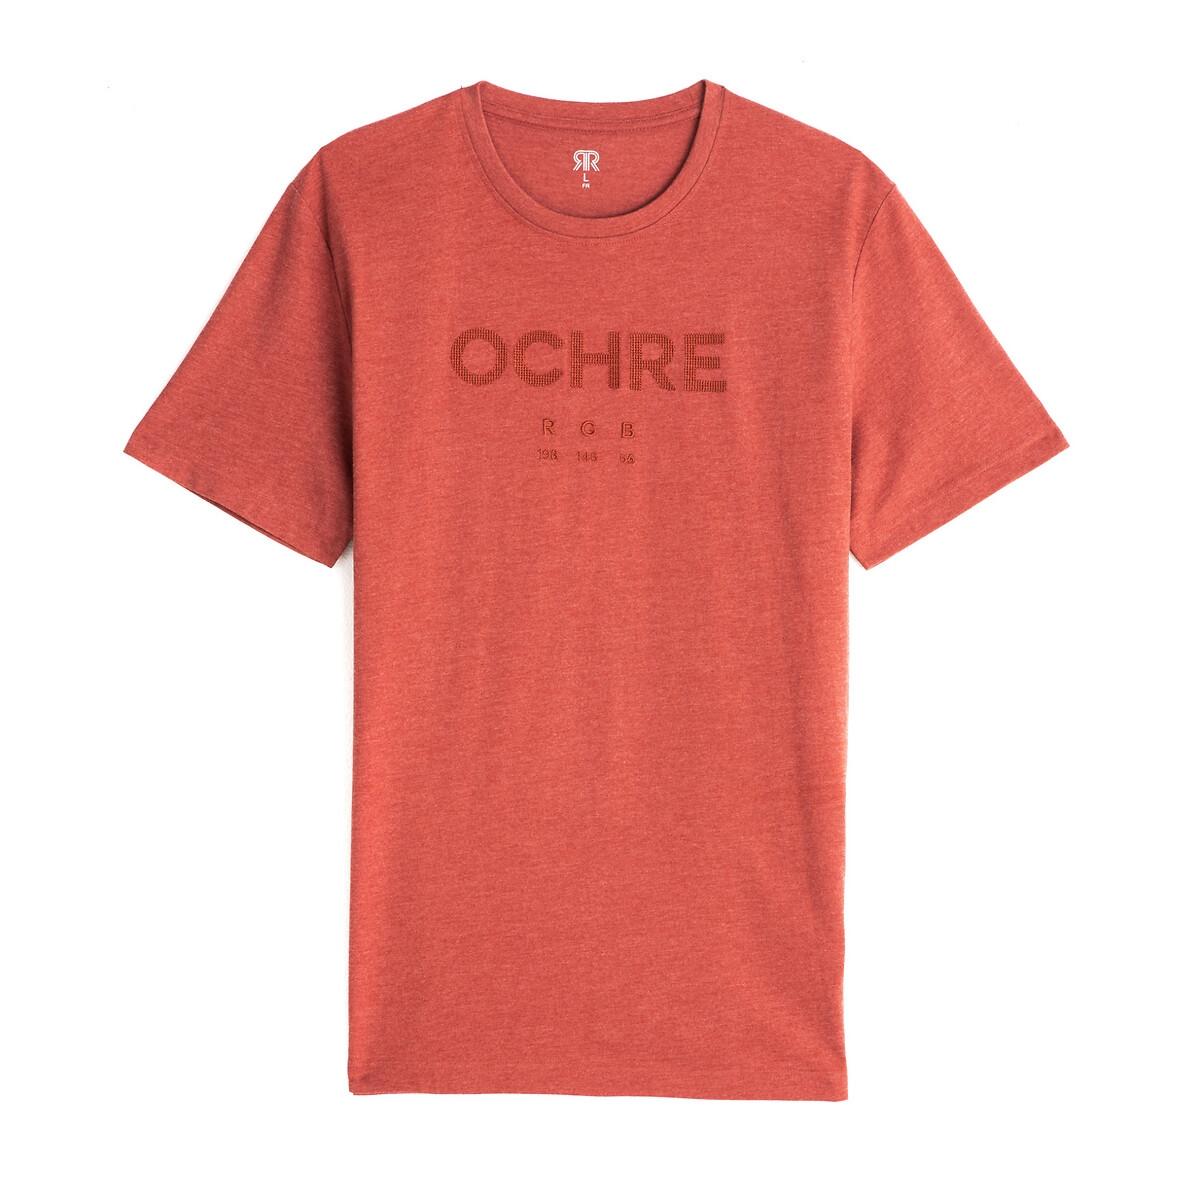 T-shirt de gola redonda e mangas curtas, bordado à frente